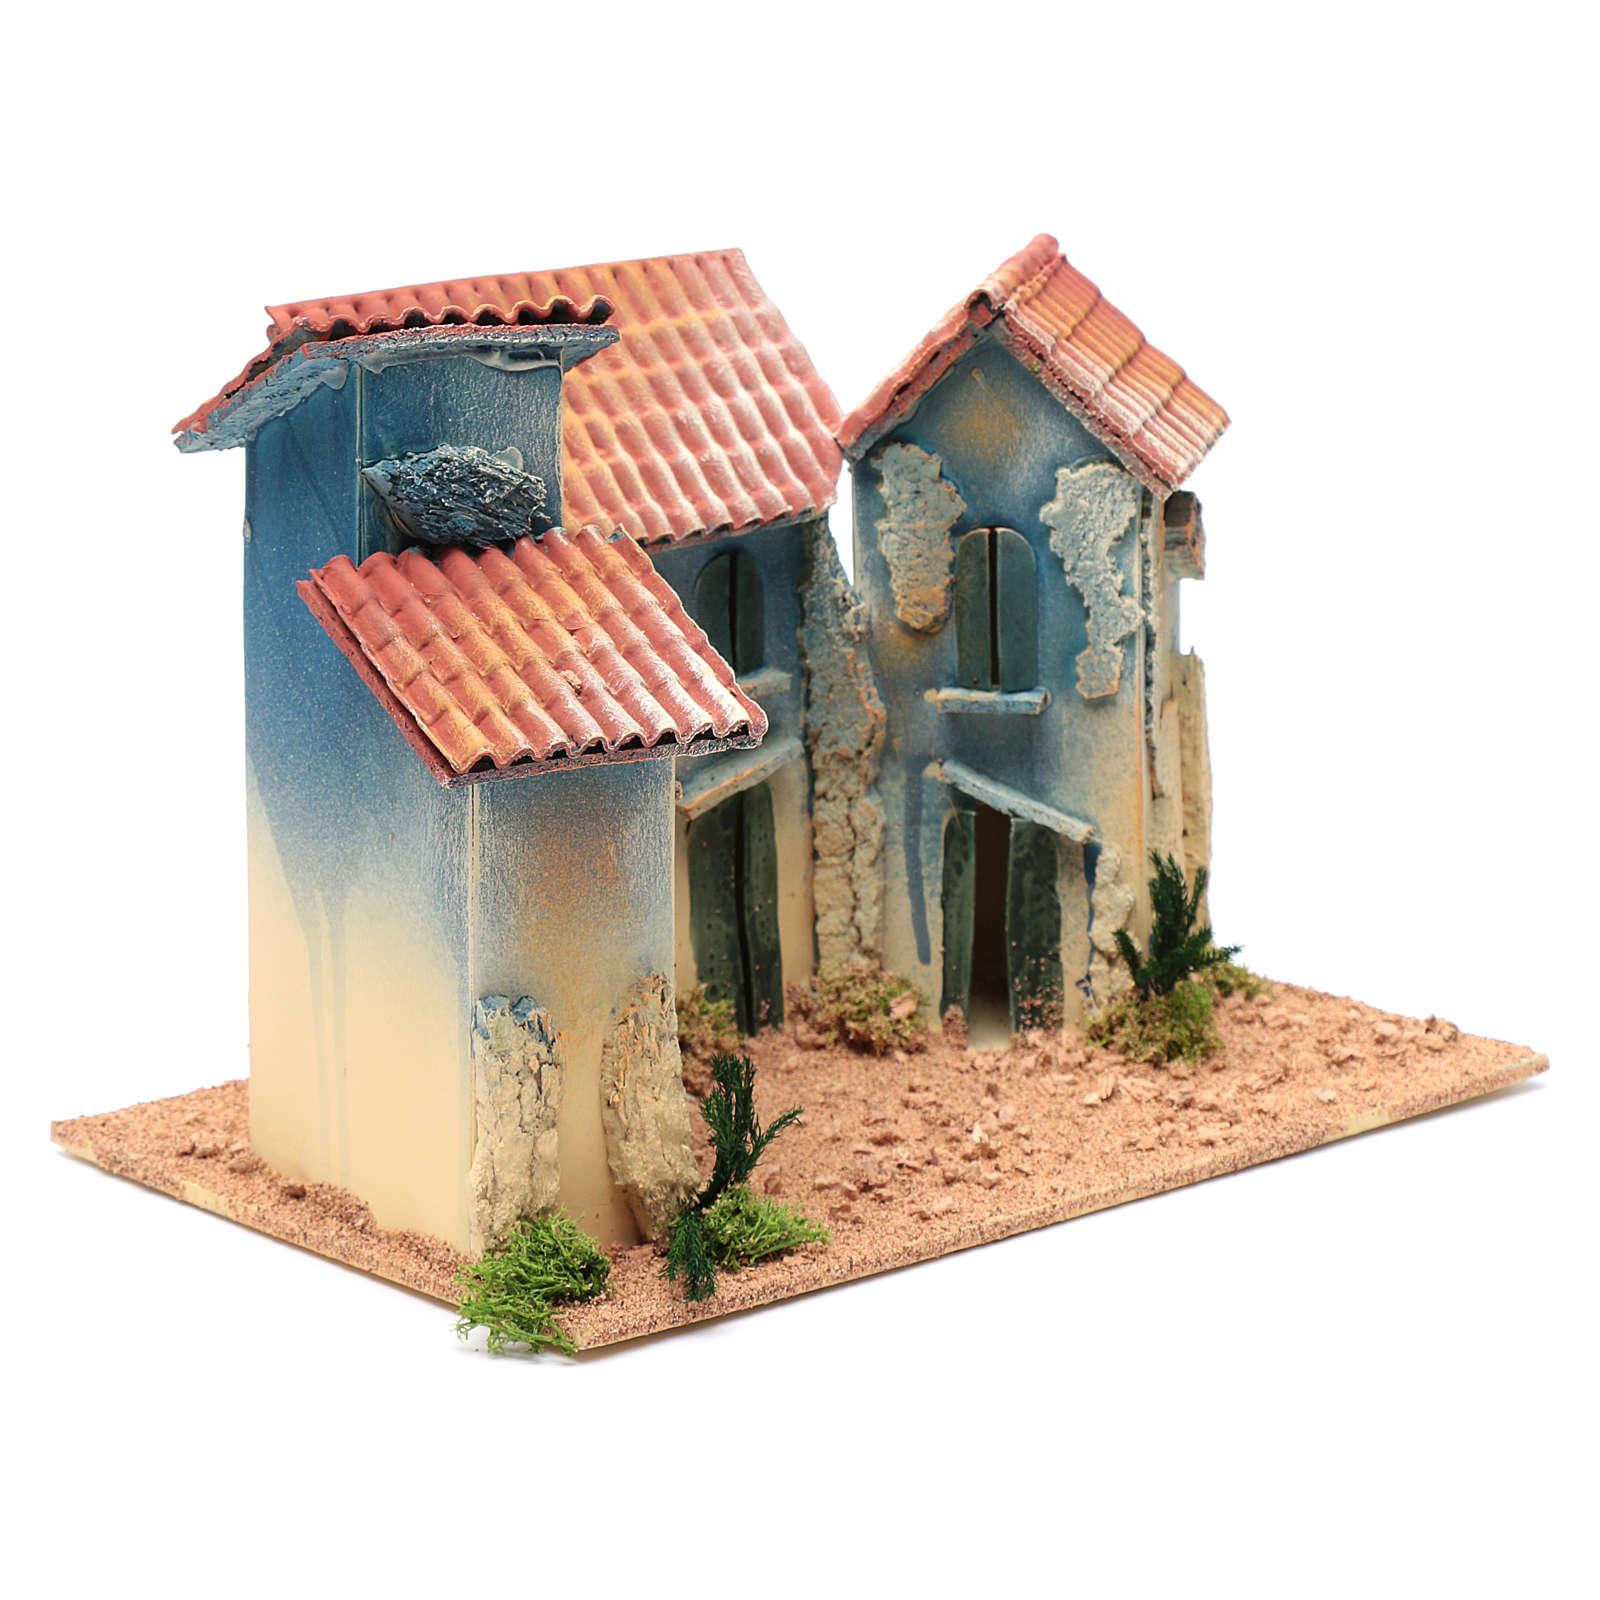 Bourgade maisons et cabane 20x30x20 cm 4